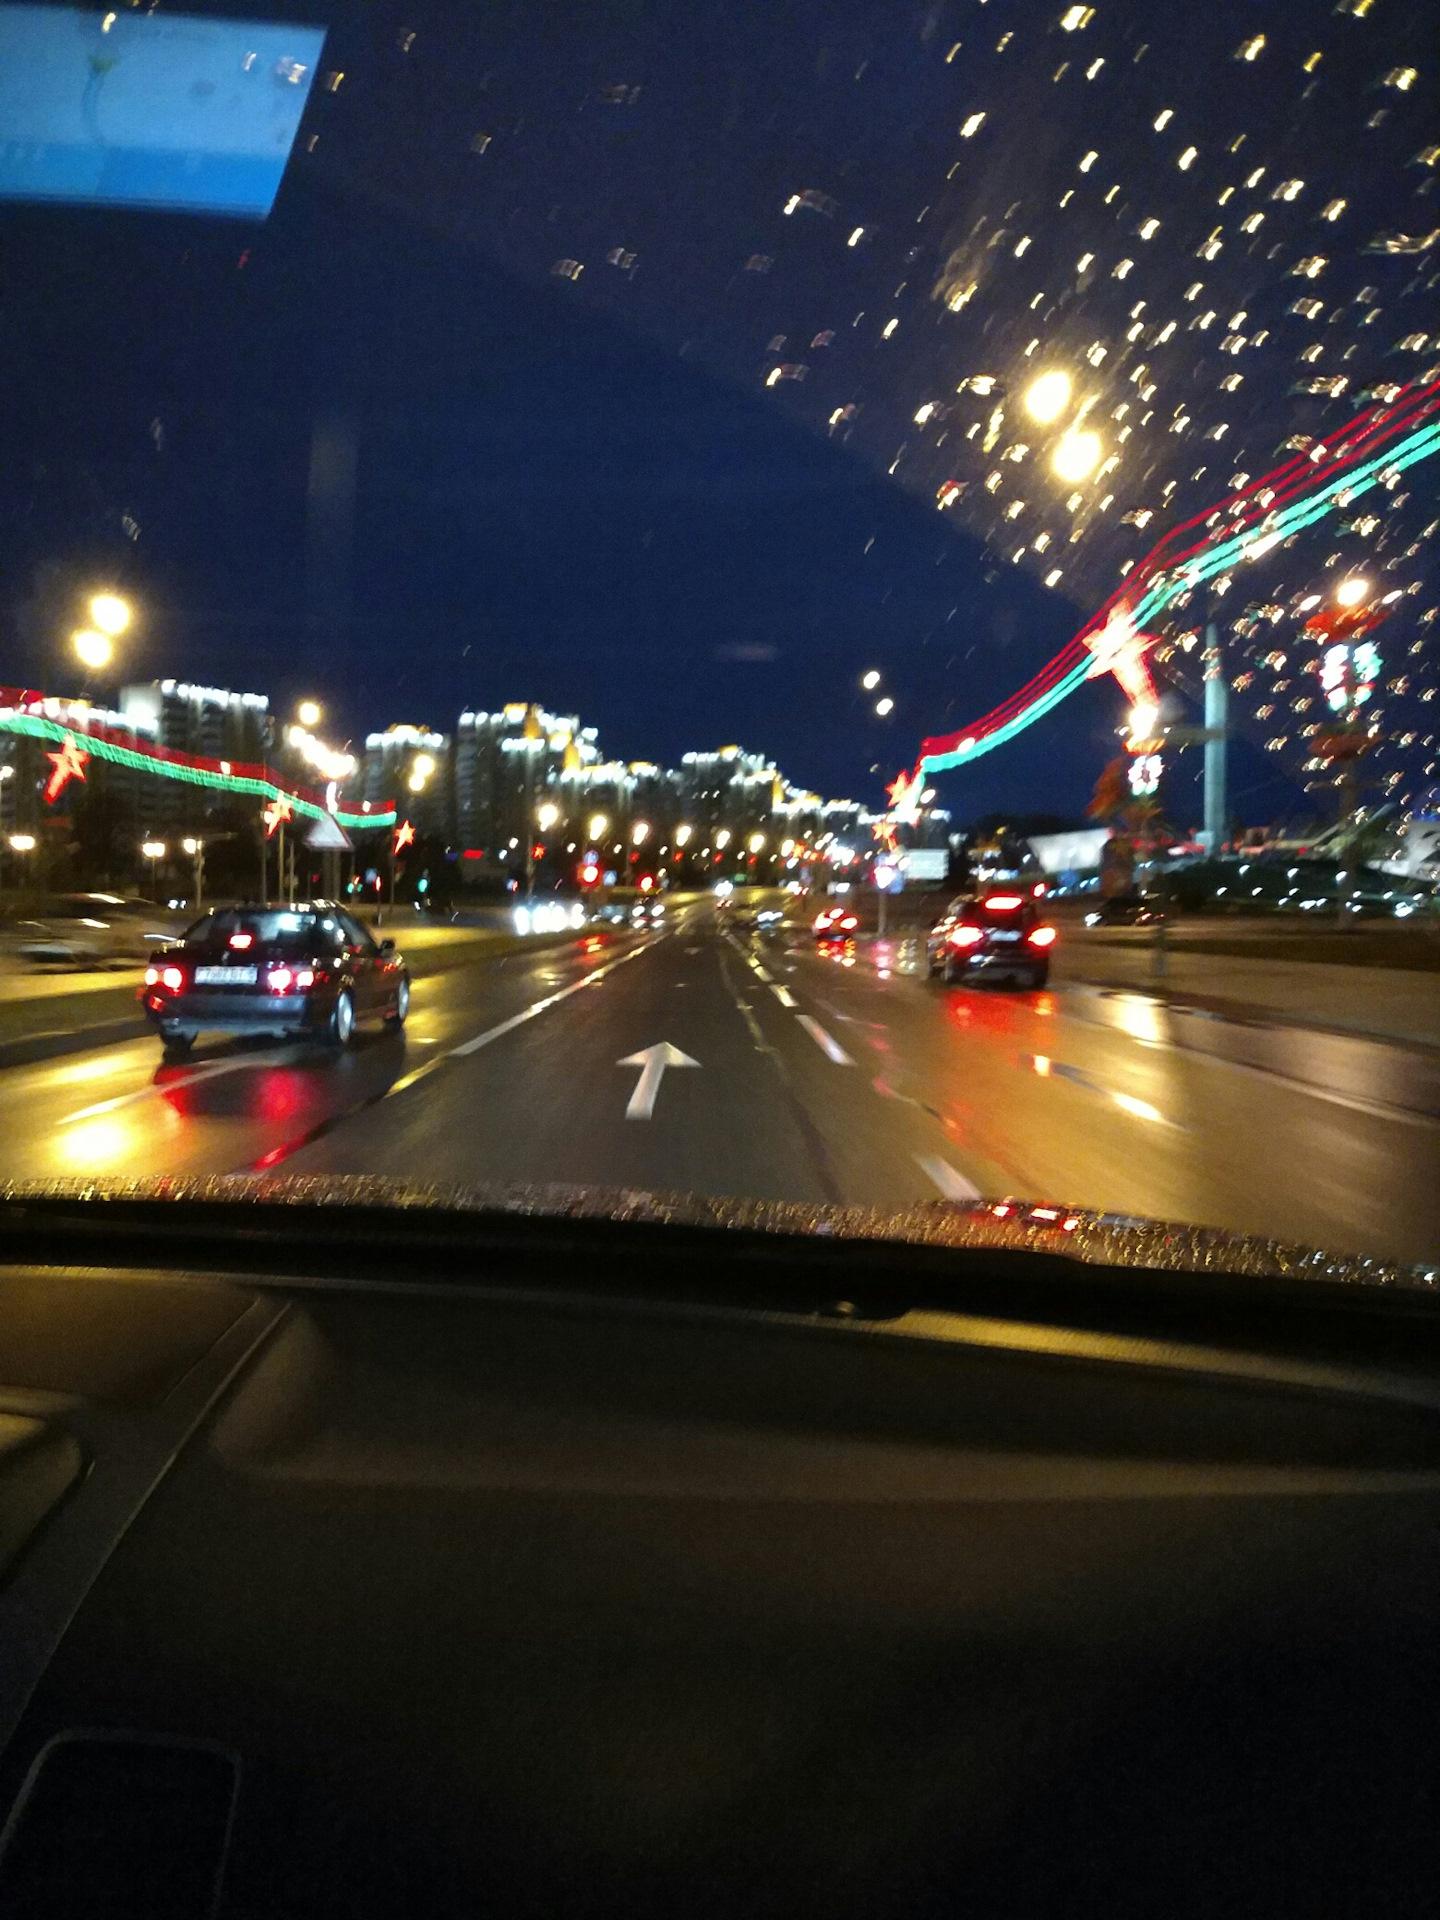 движение машин ночью как сфотографировать кто знает